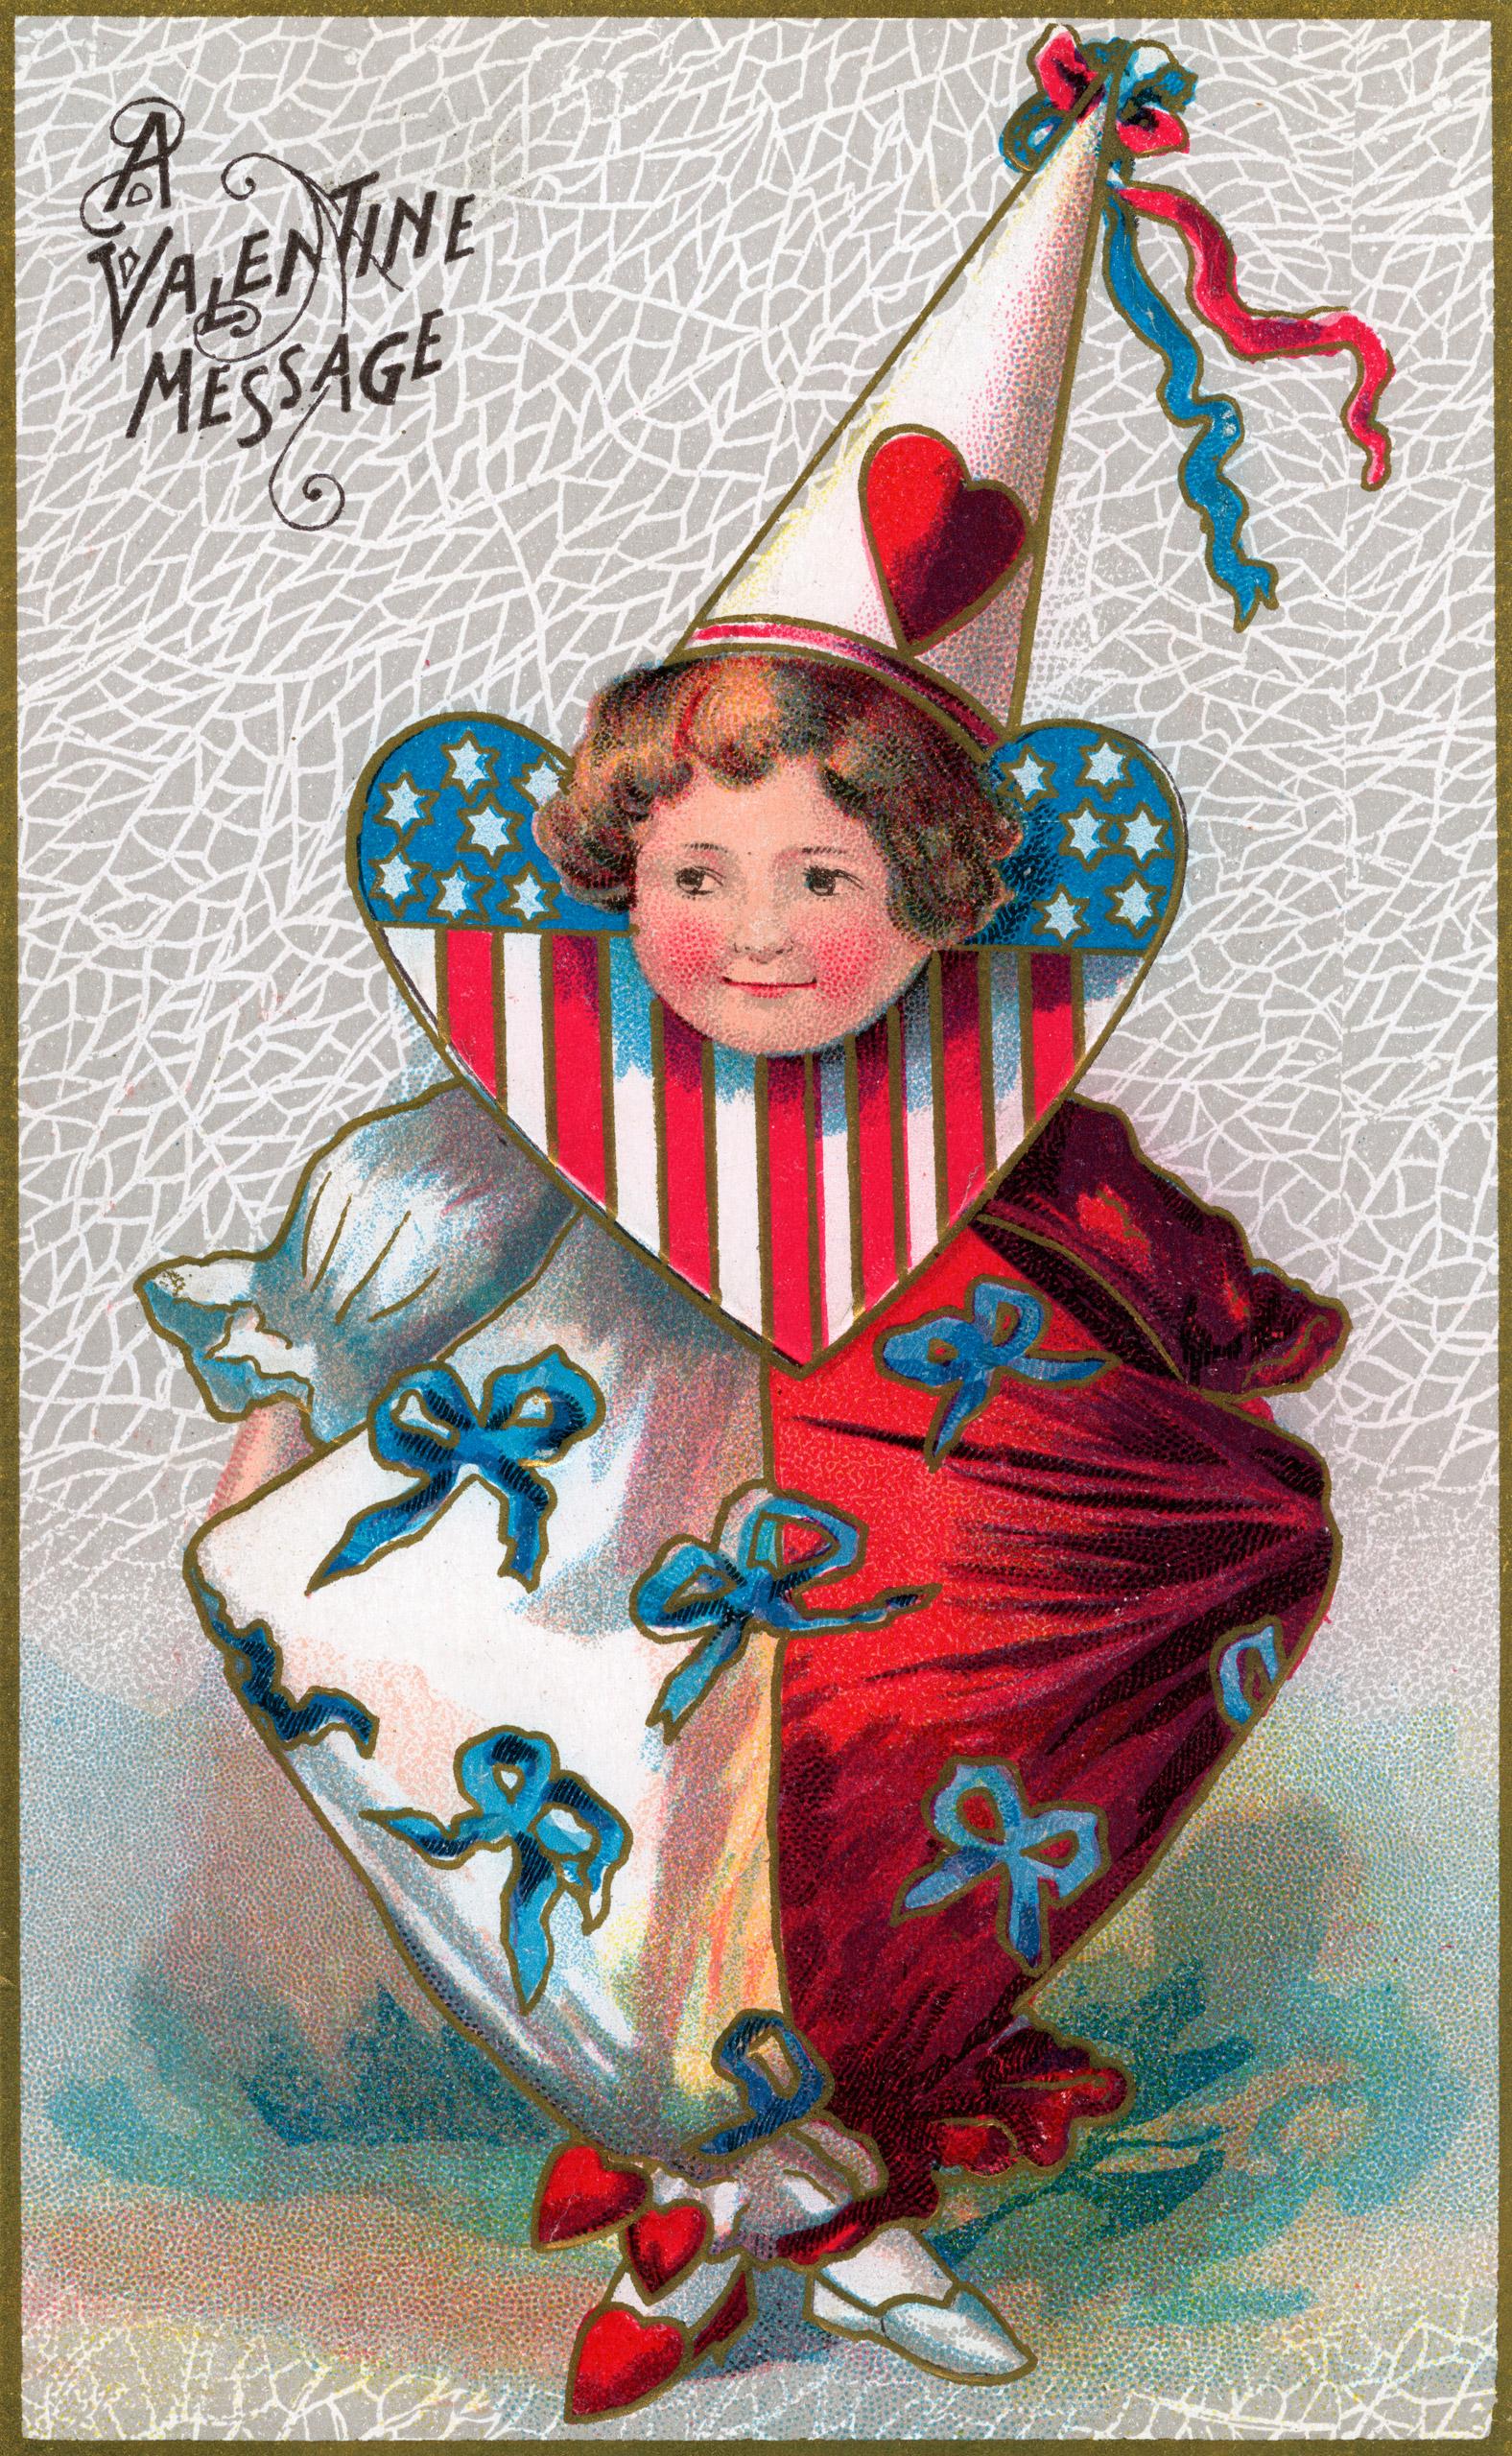 Vintage Valentine's Day card circa 1907.